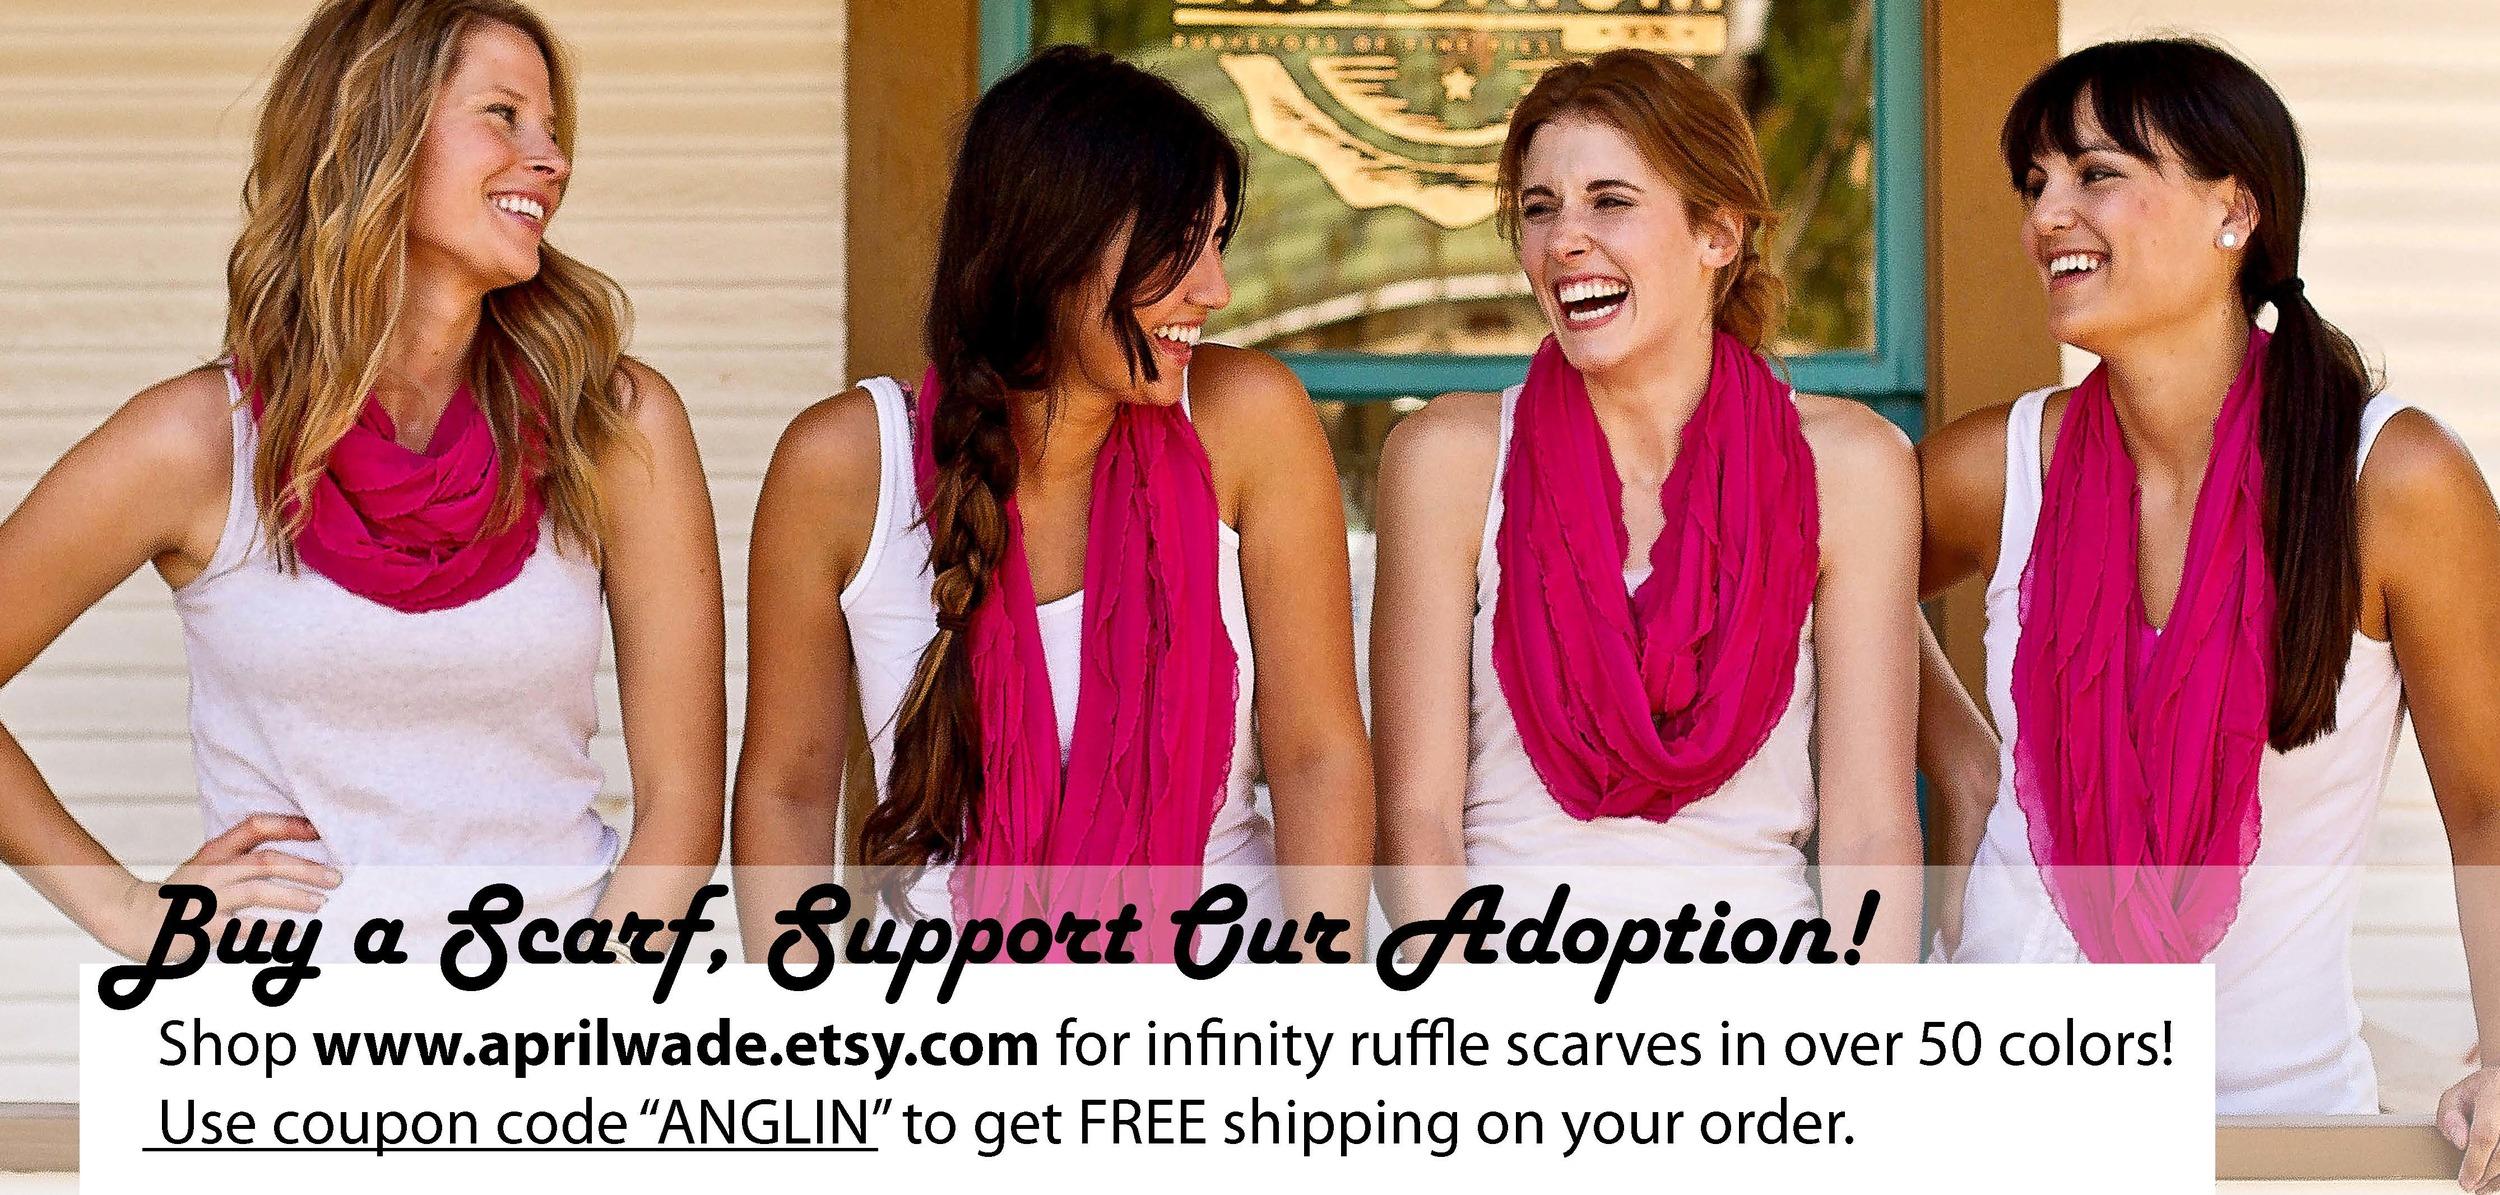 Adoption Ad - Anglin.jpg